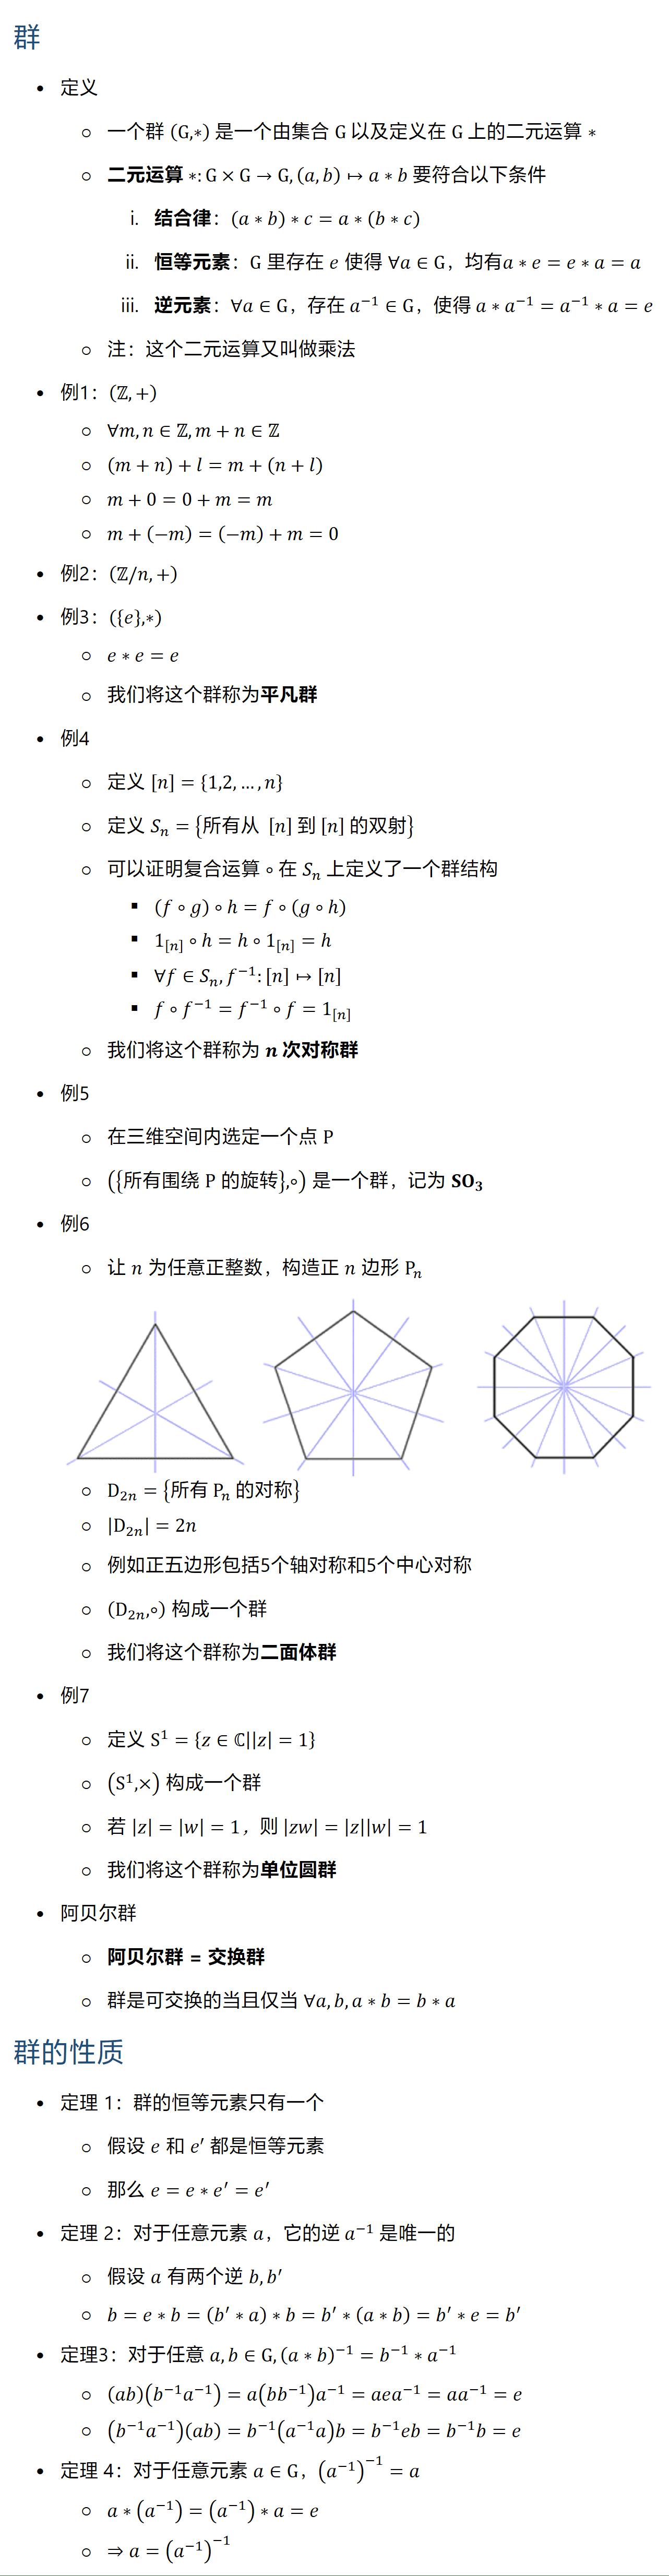 群 • 定义 ○ 一个群 (G,∗) 是一个由集合 G 以及定义在 G 上的二元运算 ∗ ○ 二元运算∗:G×G→G,(a,b)↦a∗b 要符合以下条件 i. 结合律:(a∗b)∗c=a∗(b∗c) ii. 恒等元素:G 里存在 e 使得 ∀a∈G,均有a∗e=e∗a=a iii. 逆元素:∀a∈G,存在 a^(−1)∈G,使得 a∗a^(−1)=a^(−1)∗a=e ○ 注:这个二元运算又叫做乘法 • 例1:(Z+) ○ ∀m,n∈Z, m+n∈Z ○ (m+n)+l=m+(n+l) ○ m+0=0+m=m ○ m+(−m)=(−m)+m=0 • 例2:(Zn,+) • 例3:({e},∗) ○ e∗e=e ○ 我们将这个群称为平凡群 • 例4 ○ 定义 [n]={1,2,…,n} ○ 定义 S_n={所有从 [n] 到 [n] 的双射} ○ 可以证明复合运算 ∘ 在 S_n 上定义了一个群结构 § (f∘g)∘h=f∘(g∘h § 1_[n] ∘h=h∘1_[n] =h § ∀f∈S_n, f^(−1):[n]↦[n] § f∘f^(−1)=f^(−1)∘f=1_[n] ○ 我们将这个群称为 n 次对称群 • 例5 ○ 在三维空间内选定一个点 P ○ ({所有围绕 P 的旋转},∘) 是一个群,记为 〖SO〗_3 • 例6 ○ 让 n 为任意正整数,构造正 n 边形 P_n ○ D_2n={所有 P_n 的对称} ○ |D_2n |=2n ○ 例如正五边形包括5个轴对称和5个中心对称 ○ (D_2n,∘) 构成一个群 ○ 我们将这个群称为二面体群 • 例7 ○ 定义 S^1={z∈ℂ│|z|=1} ○ (S^1,×) 构成一个群 ○ 若 |z|=|w|=1, ○ 我们将这个群称为单位圆群 • 阿贝尔群 ○ 阿贝尔群 = 交换群 ○ 群是可交换的当且仅当 ∀a,b, a∗b=b∗a 群的性质 • 定理 1:群的恒等元素只有一个 ○ 假设 e 和 e′ 都是恒等元素 ○ 那么 e=e∗e^′=e^′ • 定理 2:对于任意元素 a ○ 假设 a 有两个逆 b,b^′ ○ b=e∗b=(b^′∗a)∗b=b^′∗(a∗b)=b^′∗e=b^′ • 定理3:对于任意 a,b∈G, (a∗b)^(−1)=b^(−1)∗a^(−1) ○ (ab)(b^(−1) a^(−1) )=a(bb^(−1) ) a^(−1)=aea^(−1)=aa^(−1)=e ○ (b^(−1) a^(−1) )(ab)=b^(−1) (a^(−1) a)b=b^(−1) eb=b^(−1) b=e • 定理 4:对于任意元素 a∈G,(a^(−1) )^(−1)=a ○ a∗(a^(−1) )=(a^(−1) )∗a=e ○ ⇒a=(a^(−1) )^(−1)